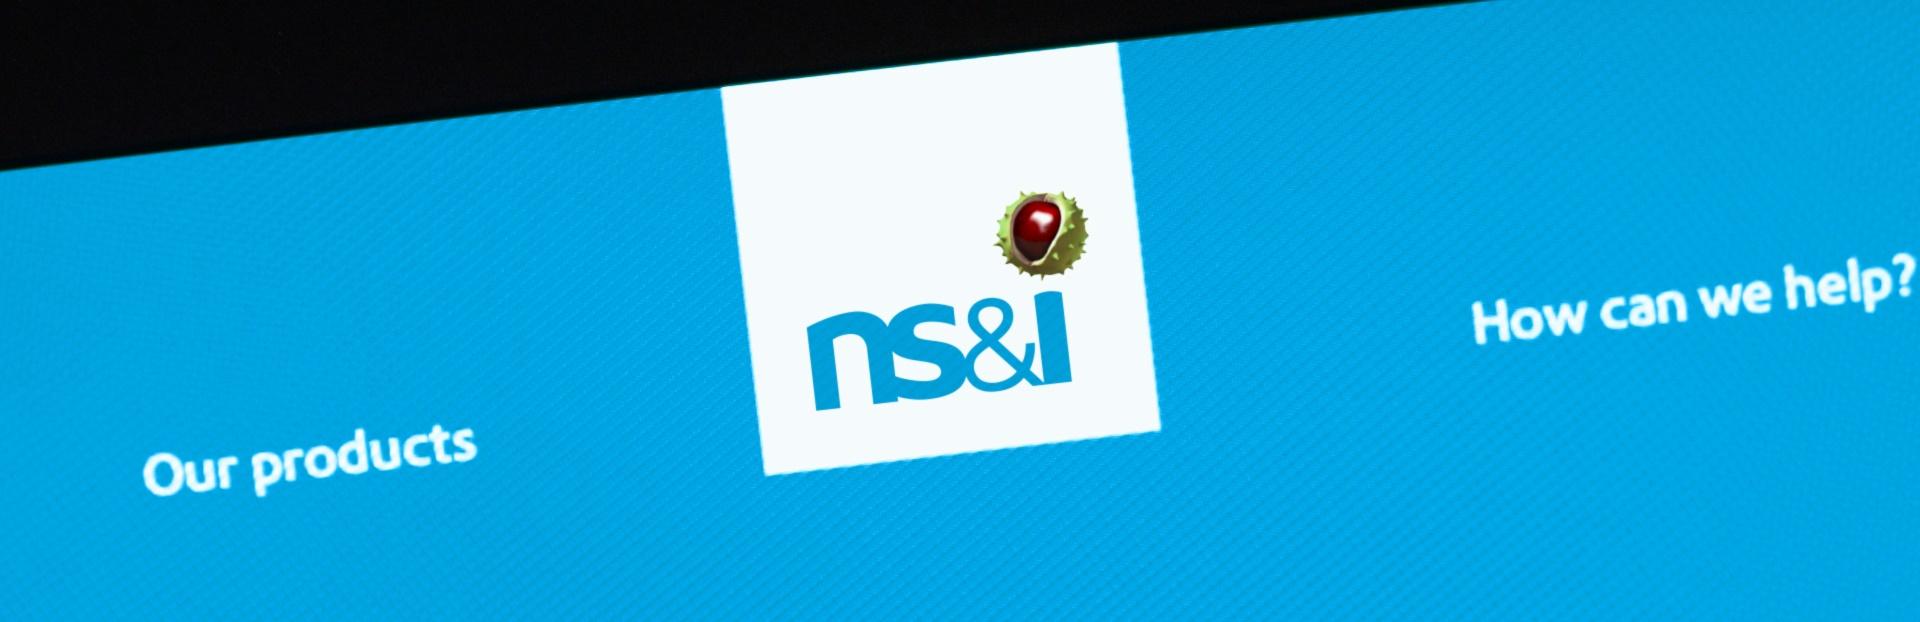 NSI_LogoonTabletScreen_Online_Stills_Dec14